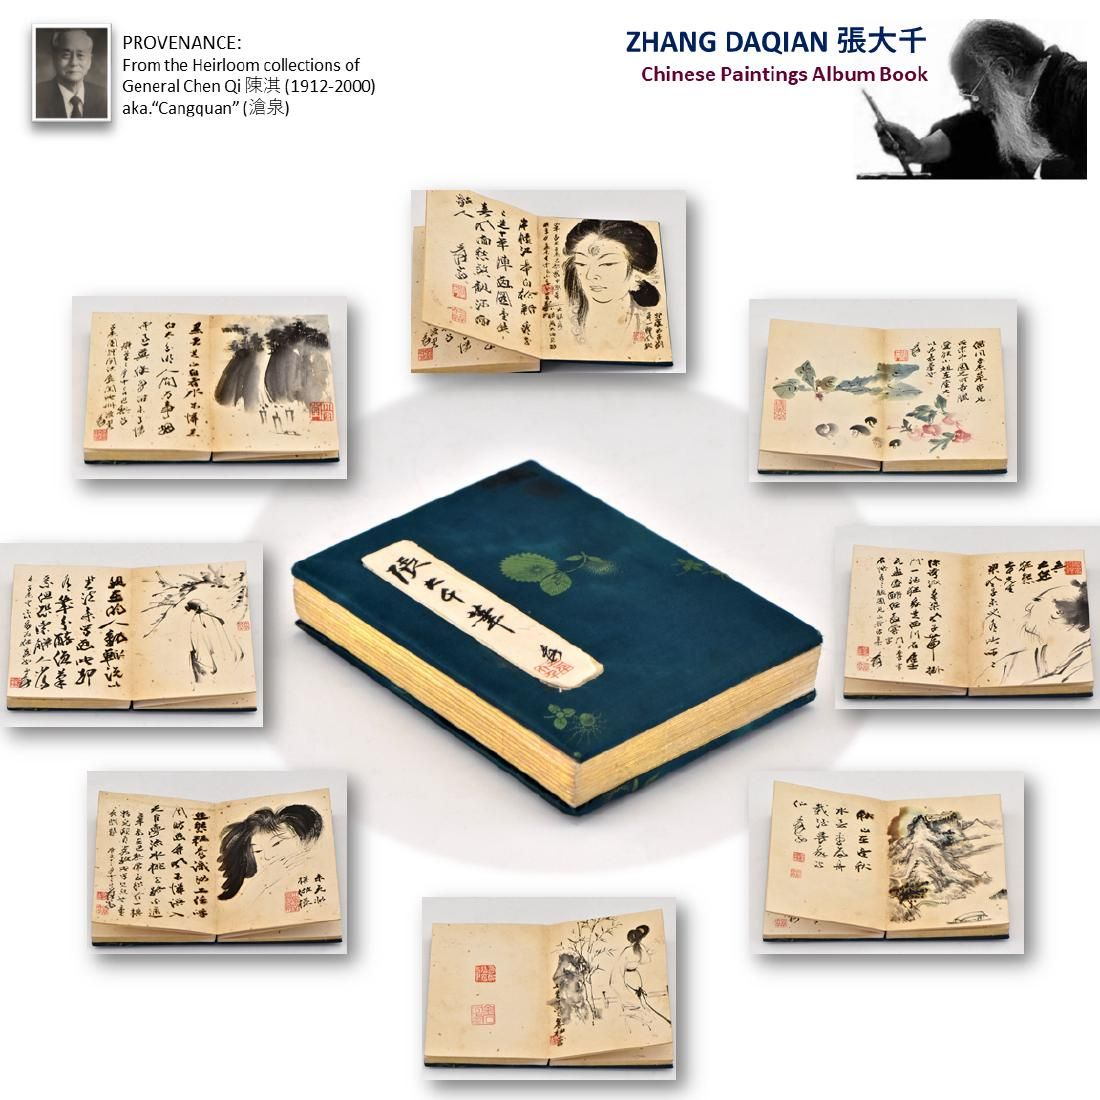 ZHANG DAQIAN PAINTING ALBUM BOOK